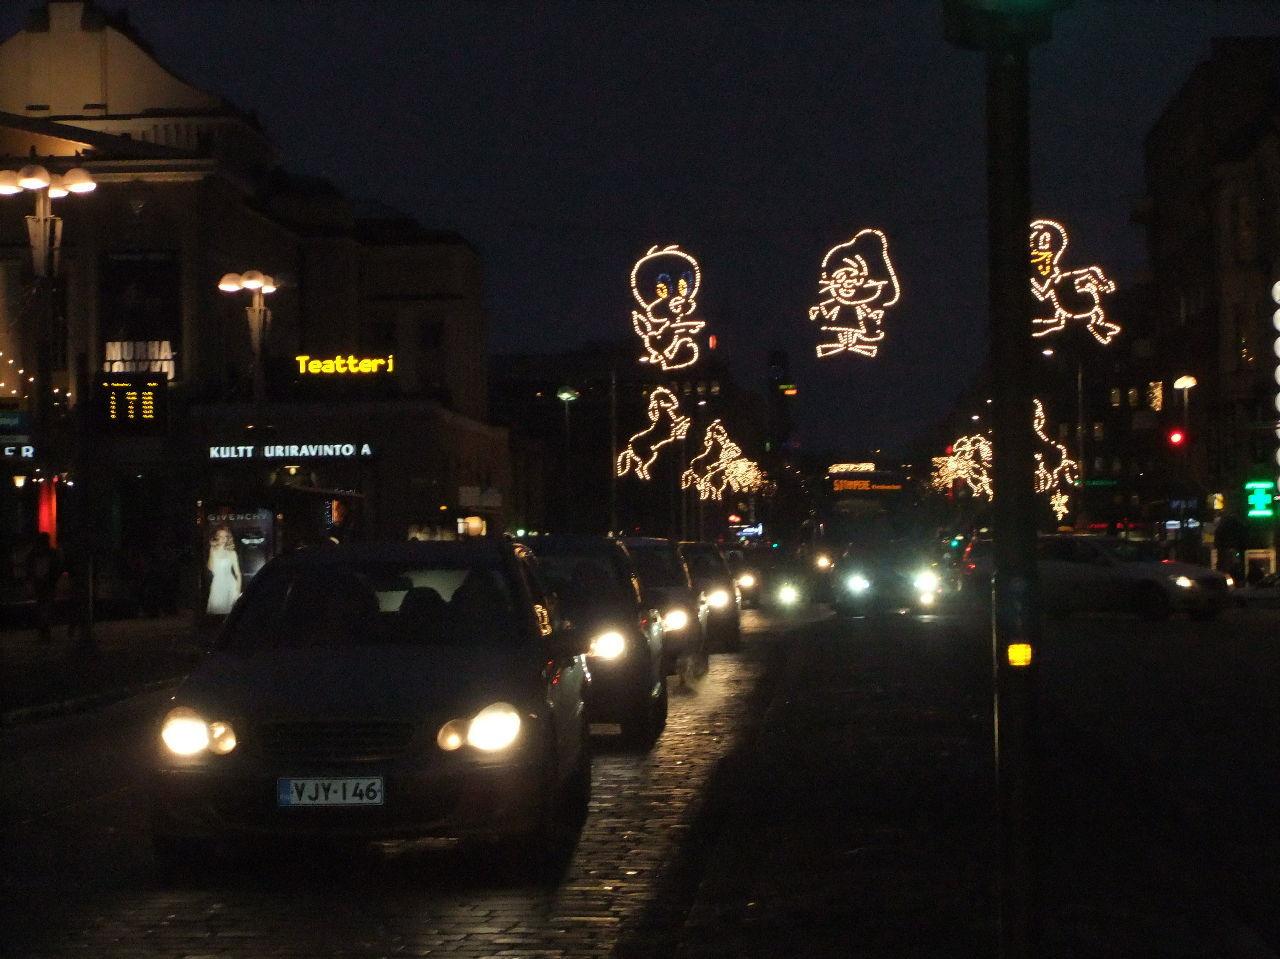 海外での素敵な風景や思い出話をご紹介してください 夜の同じイルミネーションです。 クリスマスの時期はタンペレの街も混雑します。